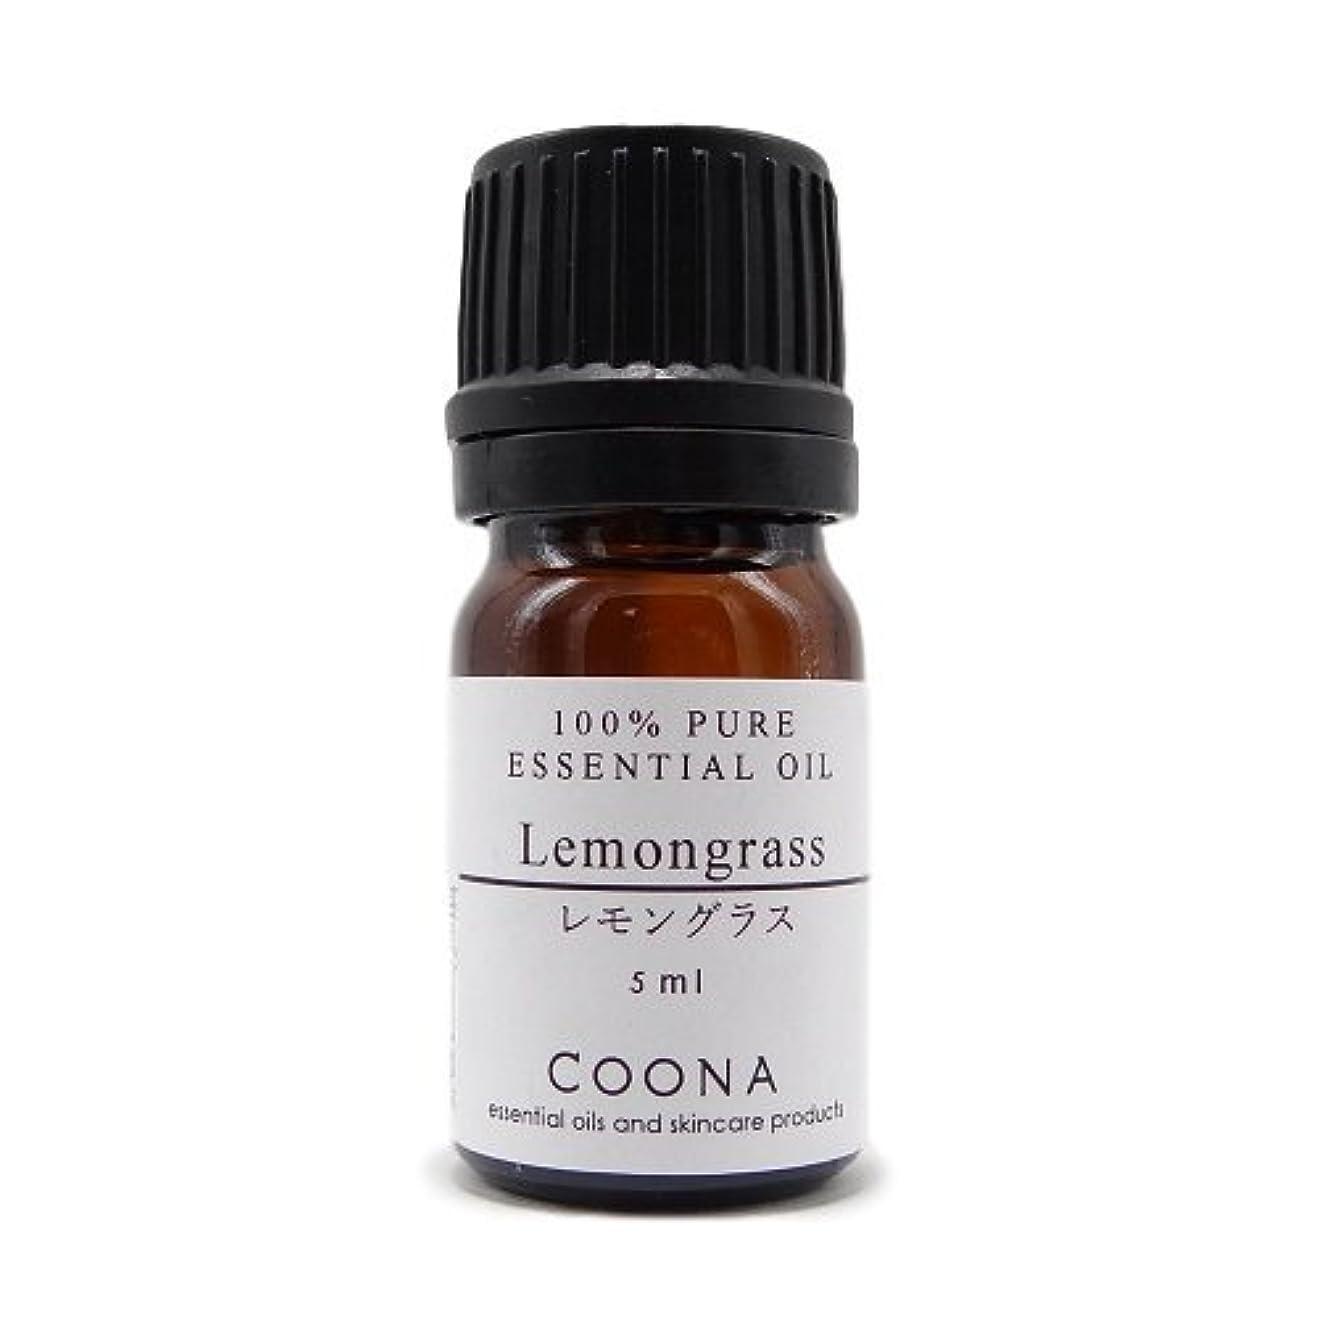 識別したがって取り出すレモングラス 5ml (COONA エッセンシャルオイル アロマオイル 100%天然植物精油)